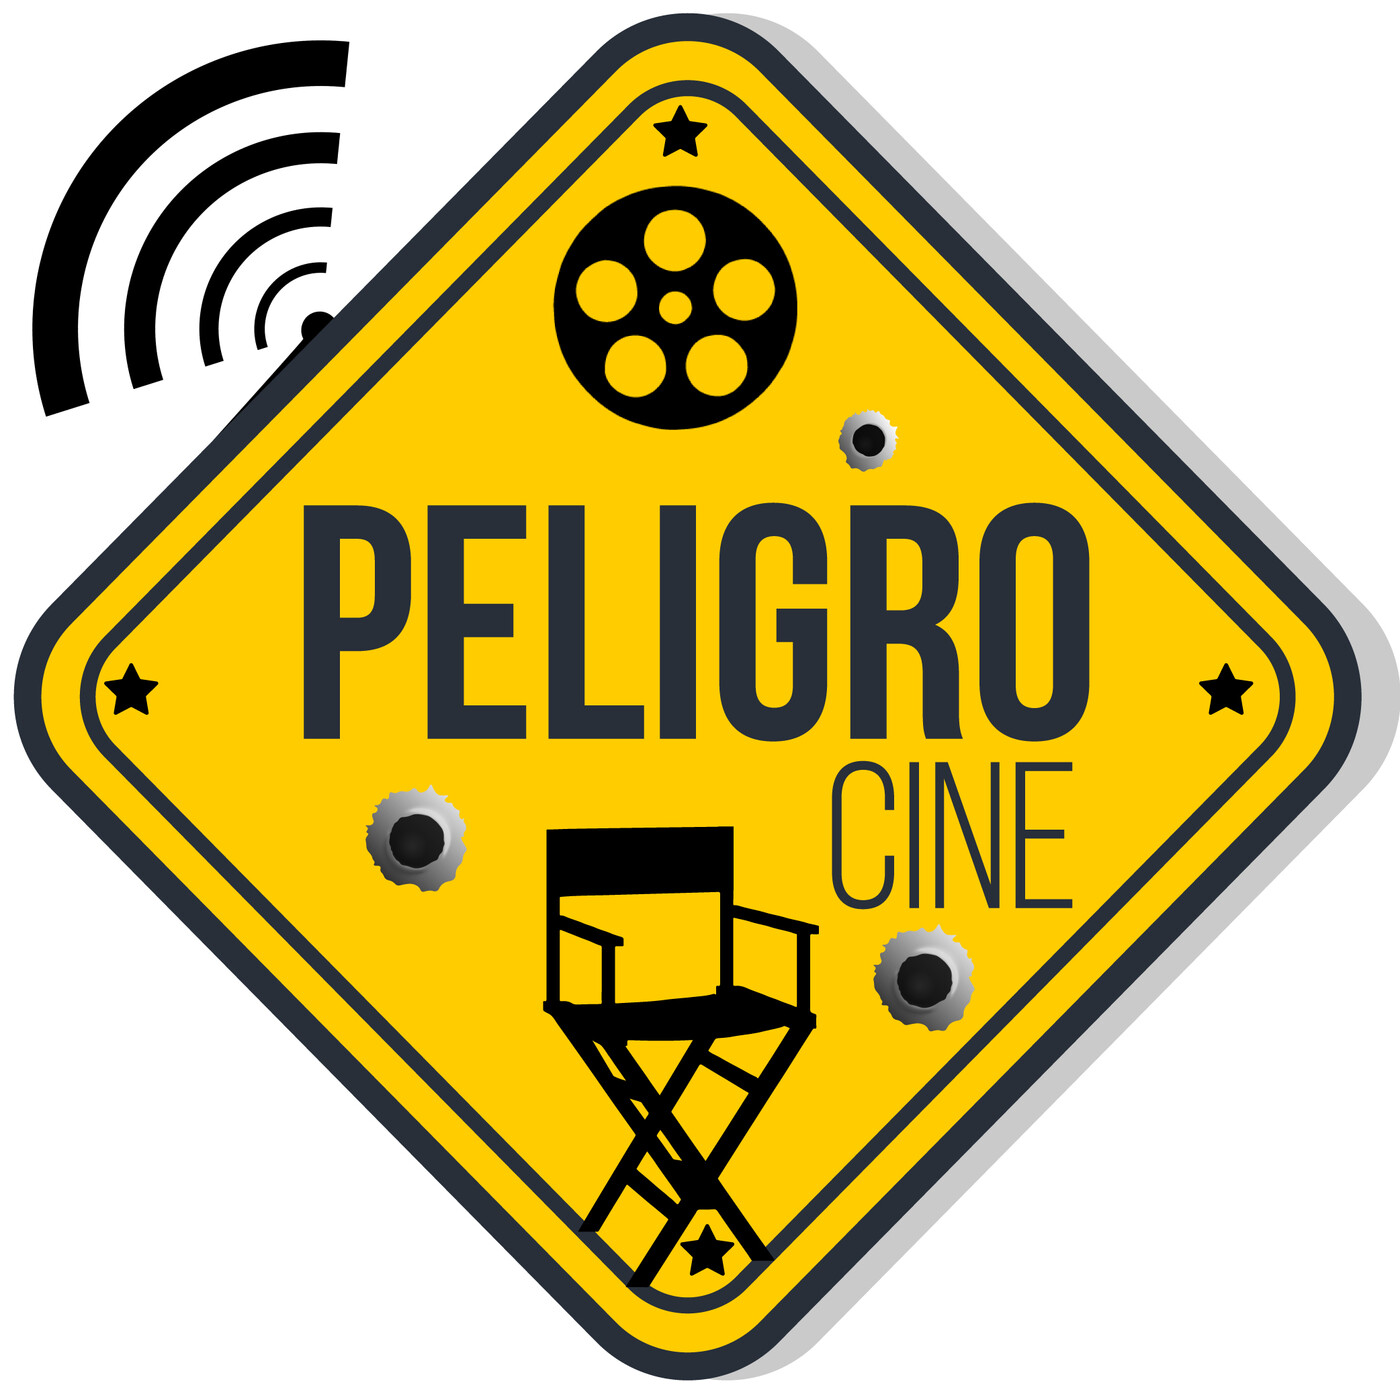 PELIGRO, CINE- 1X07 - Especial Originales Netflix - Historia de un matrimonio - Cine y el nuevo modelo de Plataformas